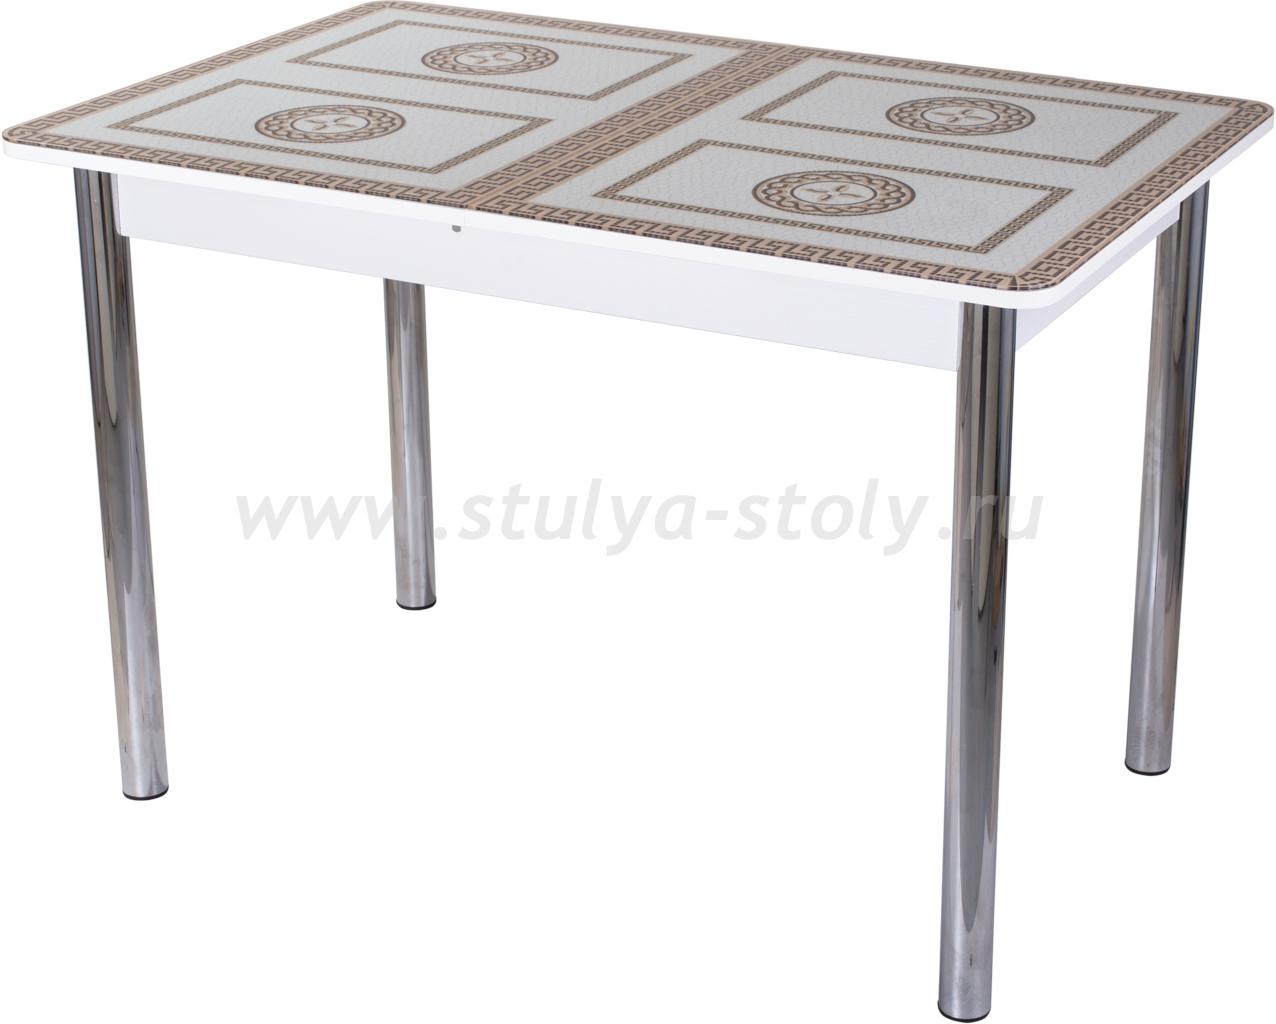 Стол обеденный Гамма ПР-1 БЛ ст-71 02 (белый с греческим орнаментом)